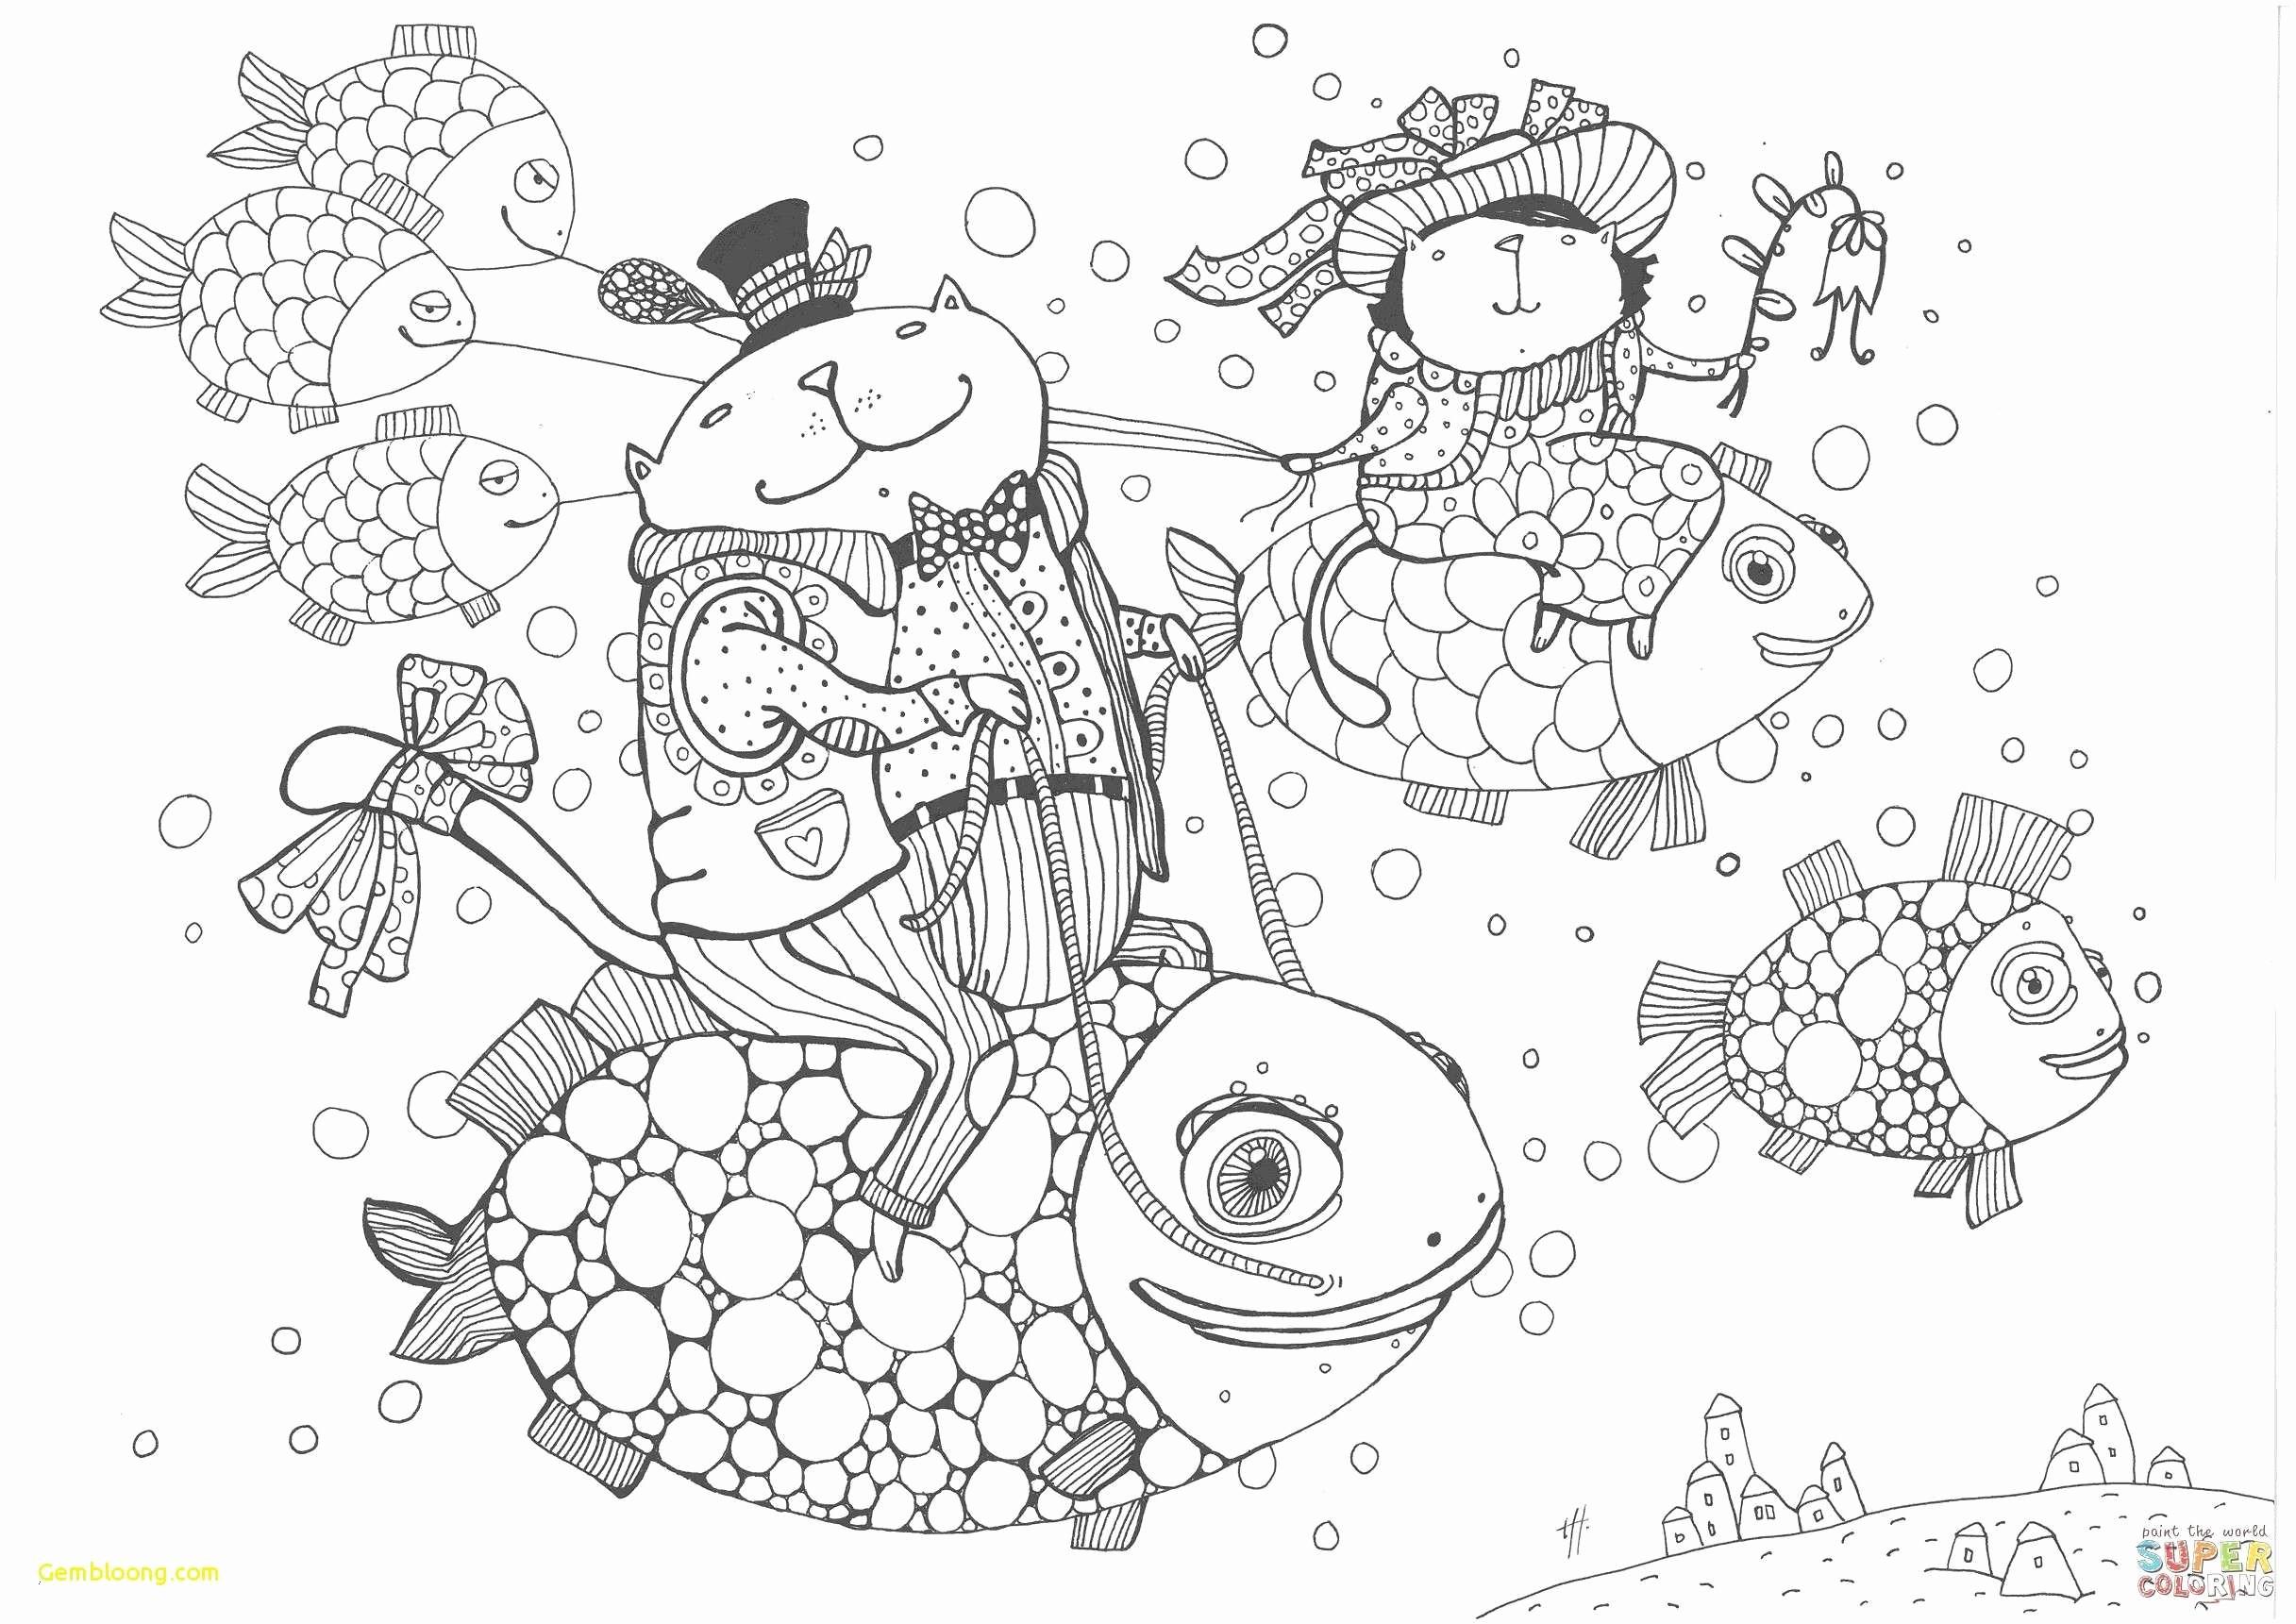 Ausmalbilder Weihnachten Online Frisch 28 Best Ausmalbilder Weihnachten Schneemann Bilder Bilder